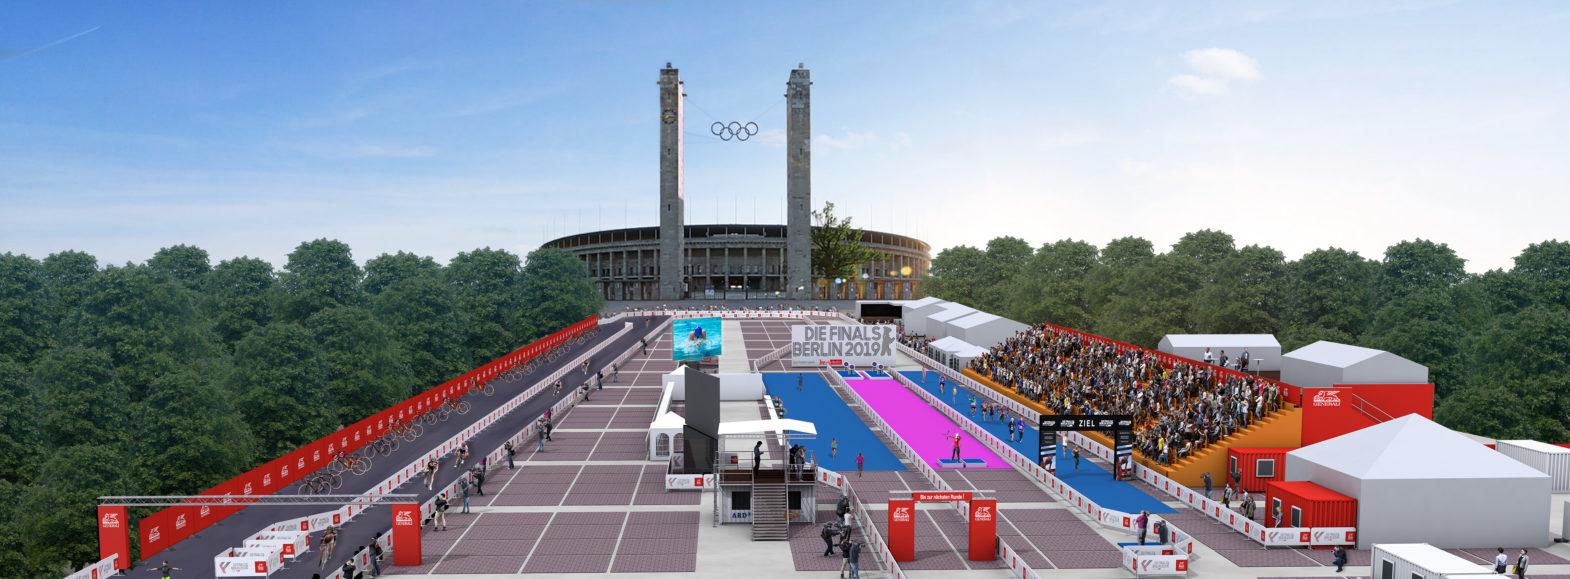 Animation des Stadions auf dem Olympischen Platz mit Tribünen, Zuschauern und Athletinnen und Athleten.